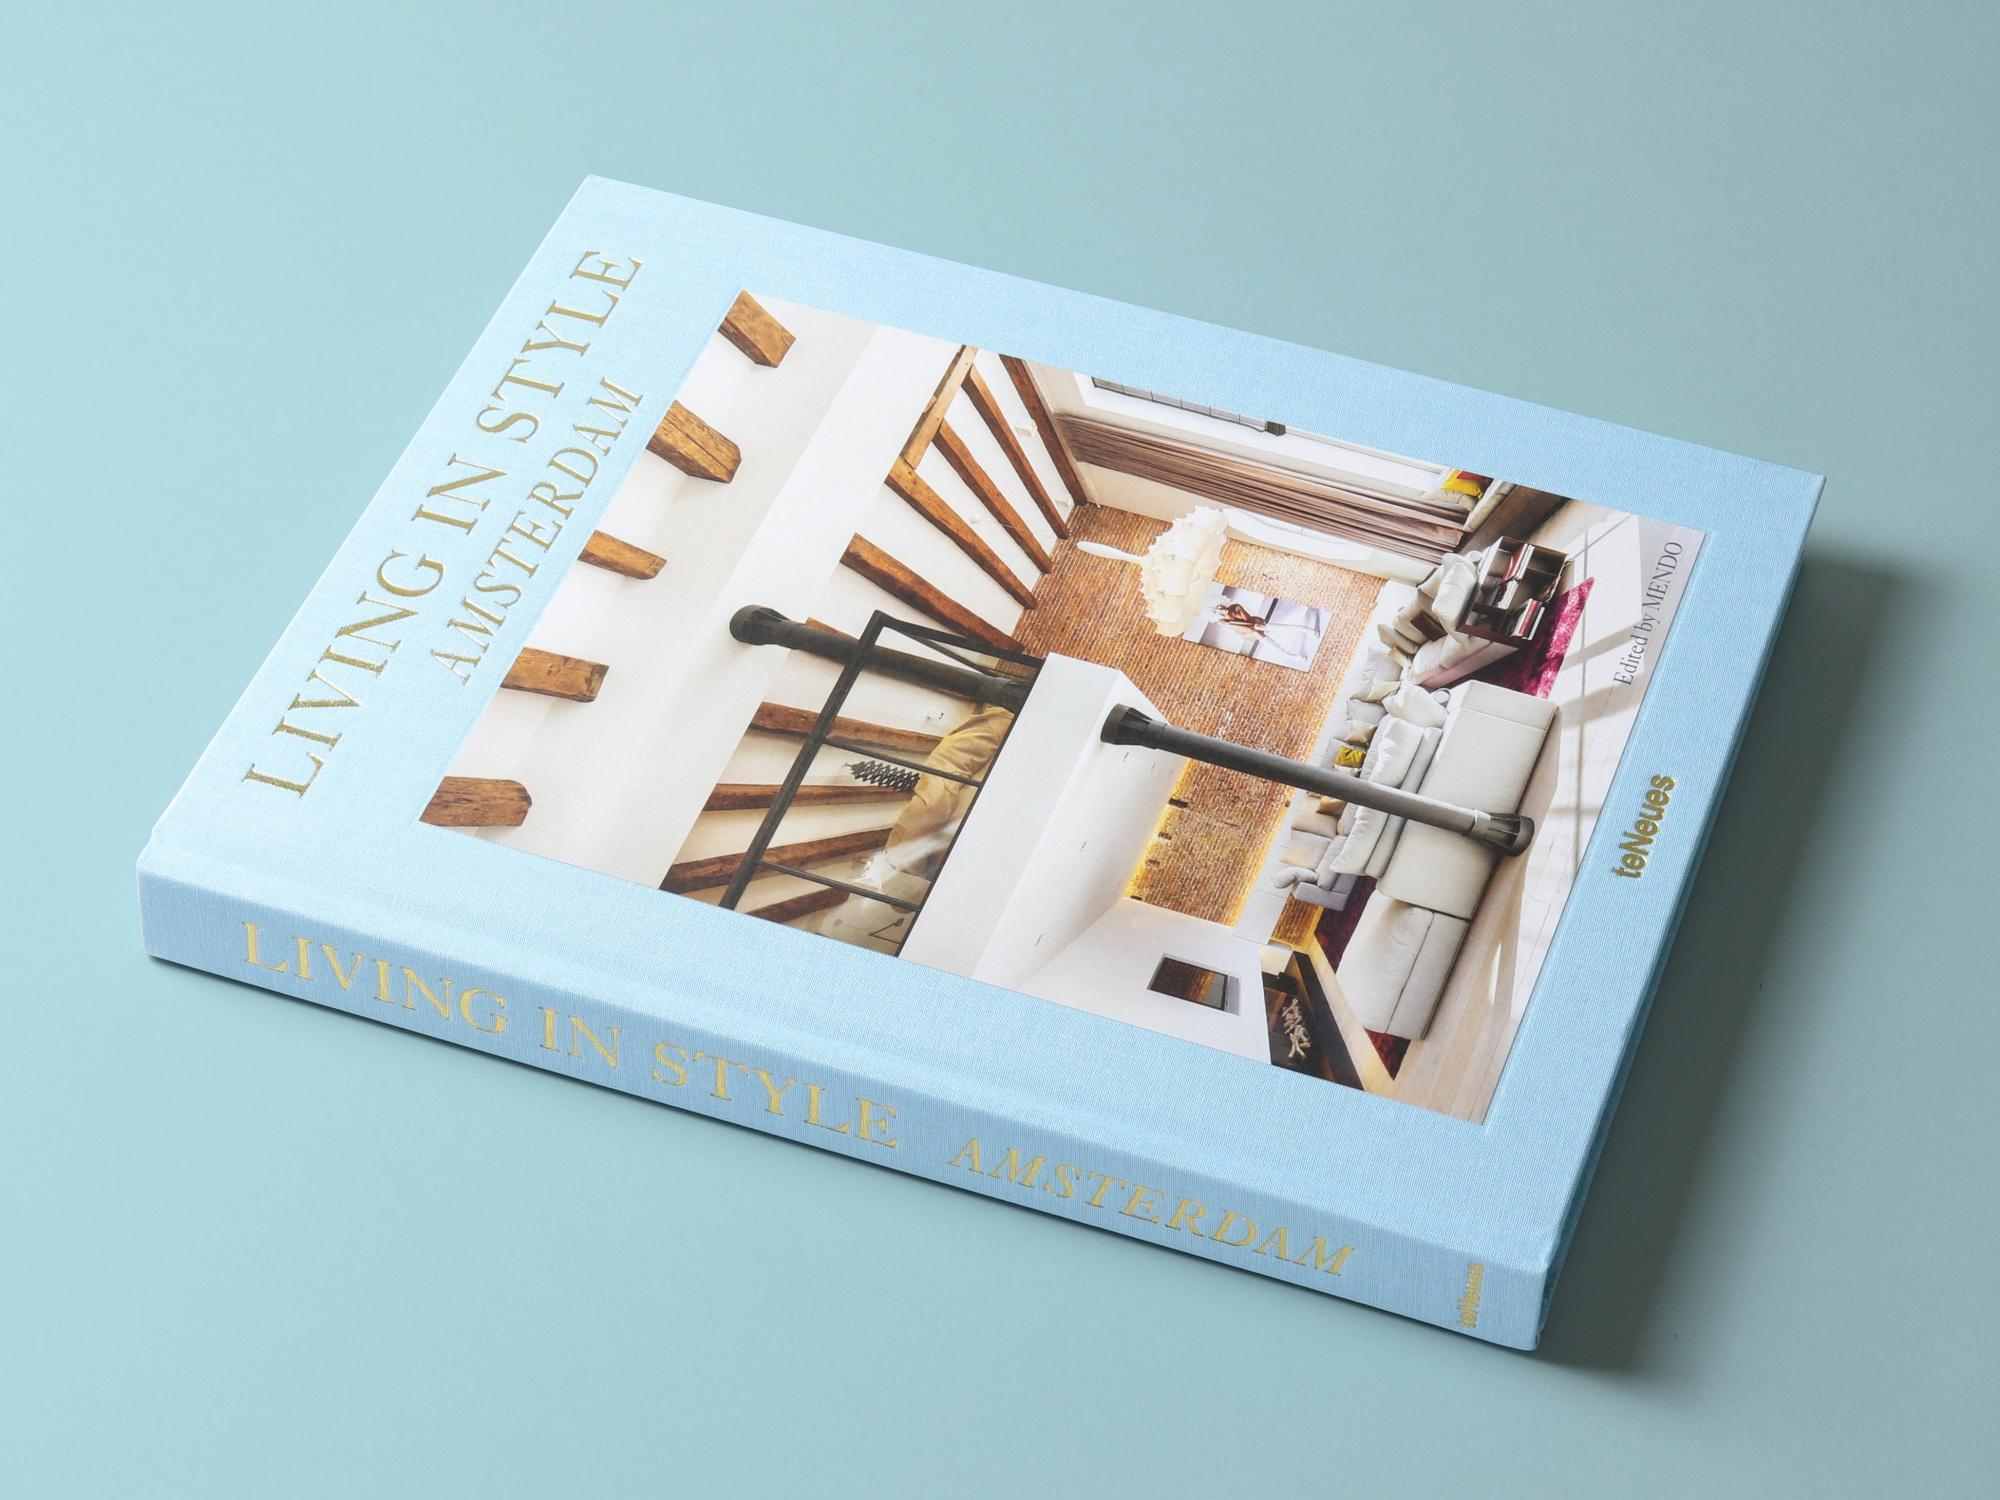 mendo-book-living-in-style-adam-05-e1499414358859-2000x1500-c-default.jpg